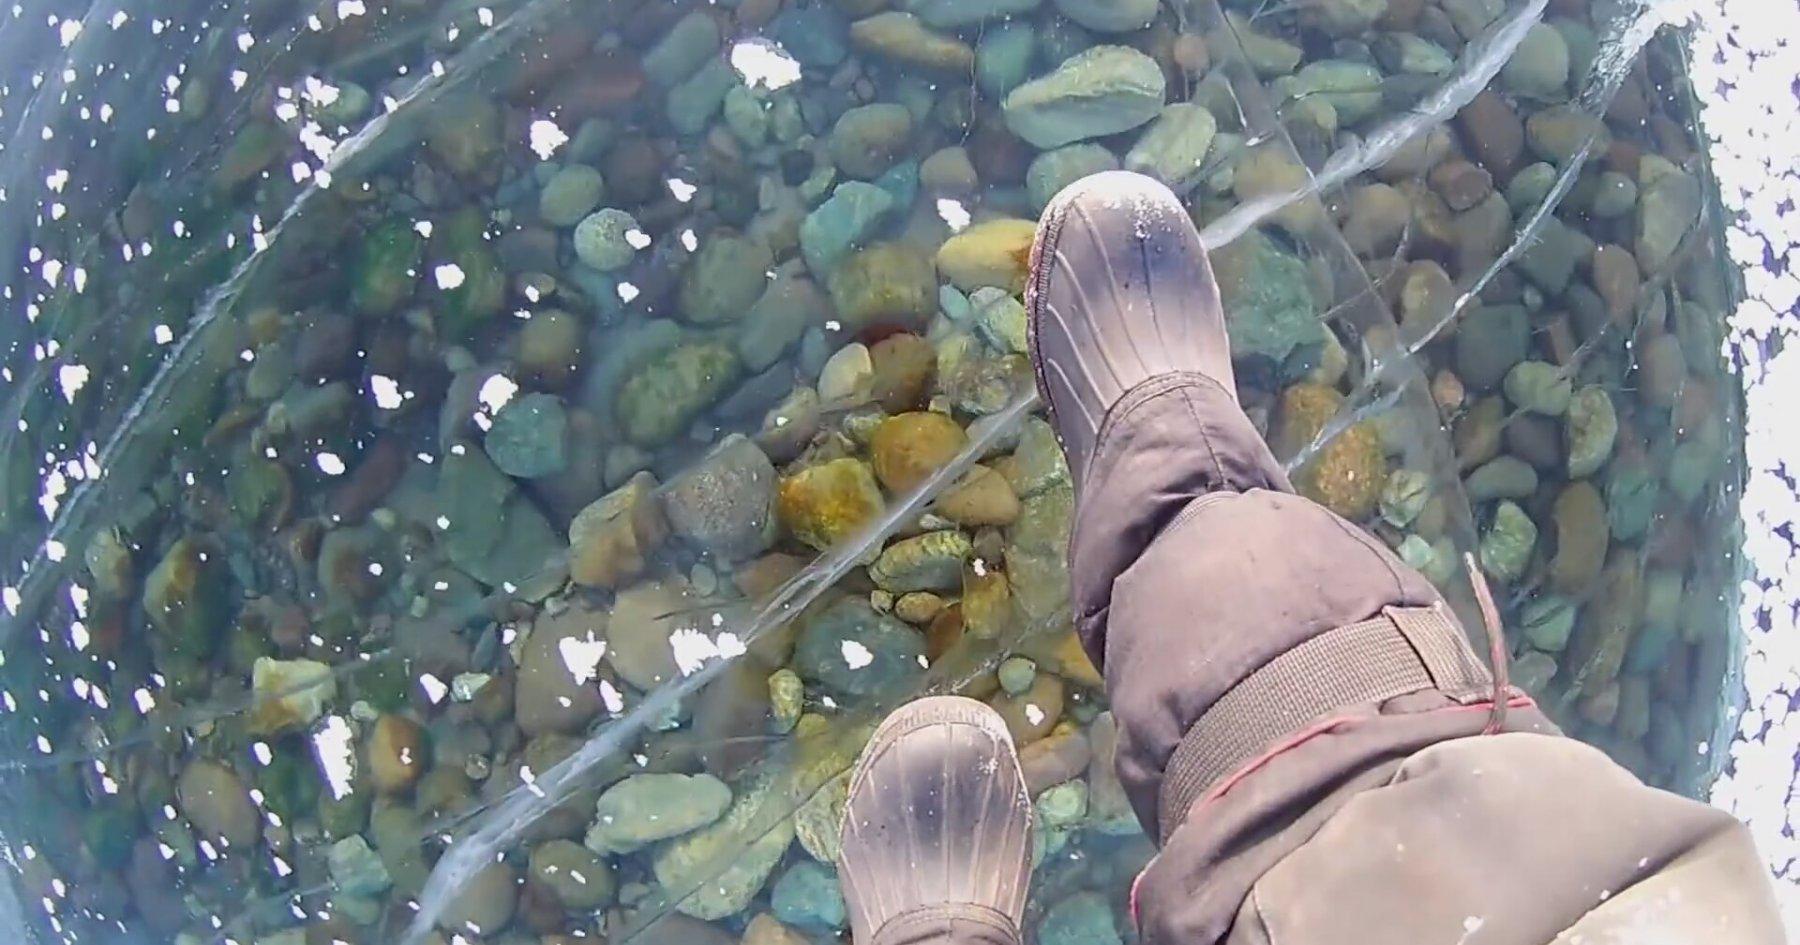 Donmuş Baykal Gölü'nün Göz Alıcı Görüntüleri